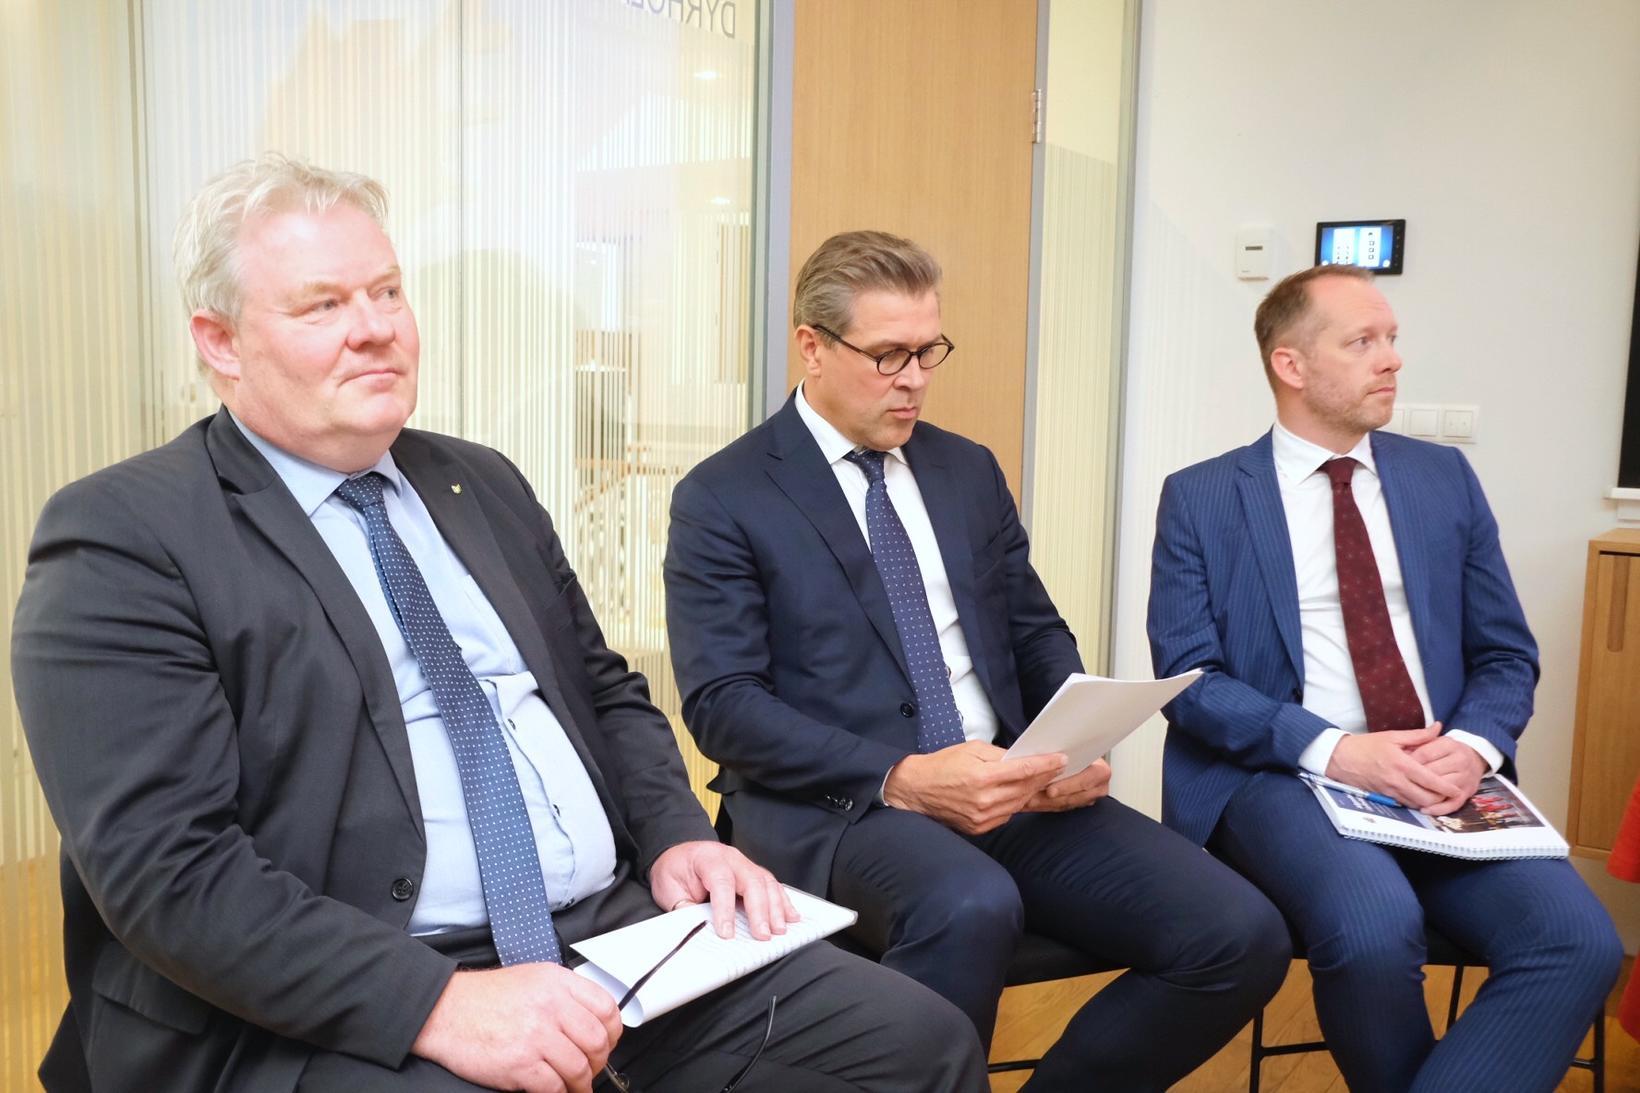 Sigurður Ingi Jóhannsson, Bjarni Benediktsson og Guðmundur Ingi Guðbrandsson á …